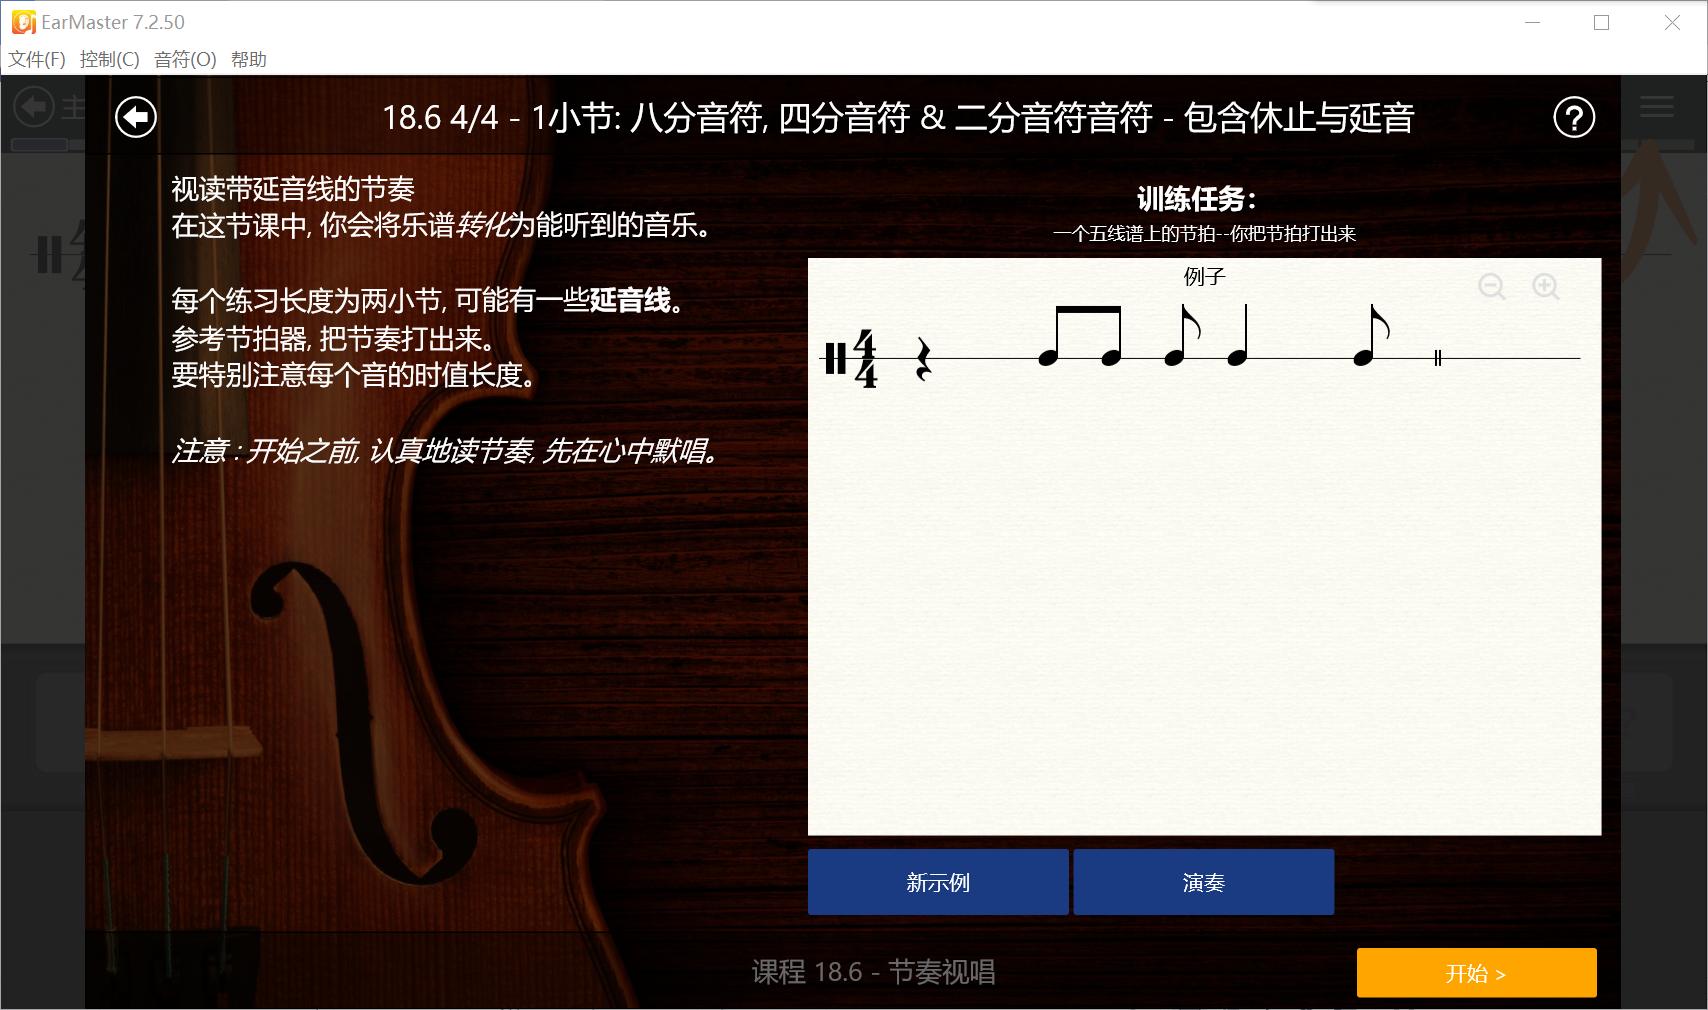 节奏视唱的练习提示